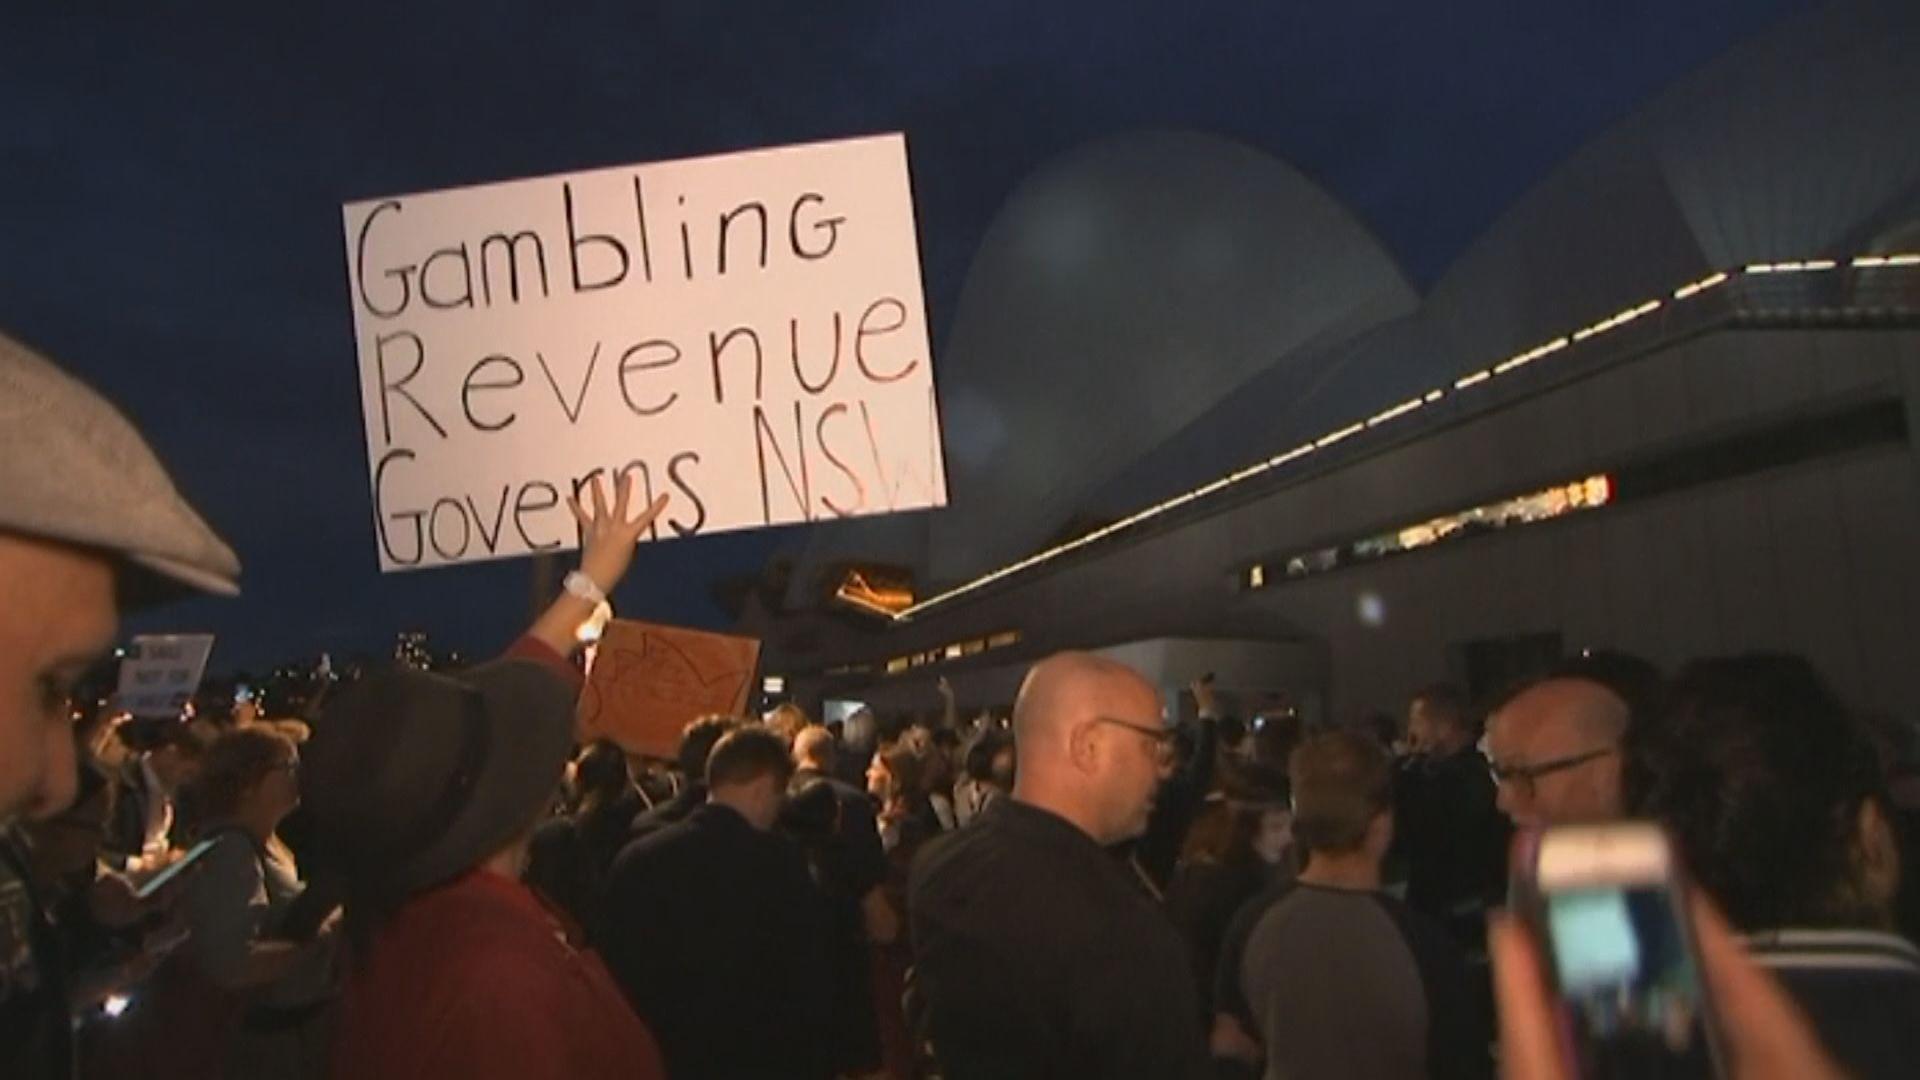 民眾示威抗議悉尼歌劇院投射賽馬廣告